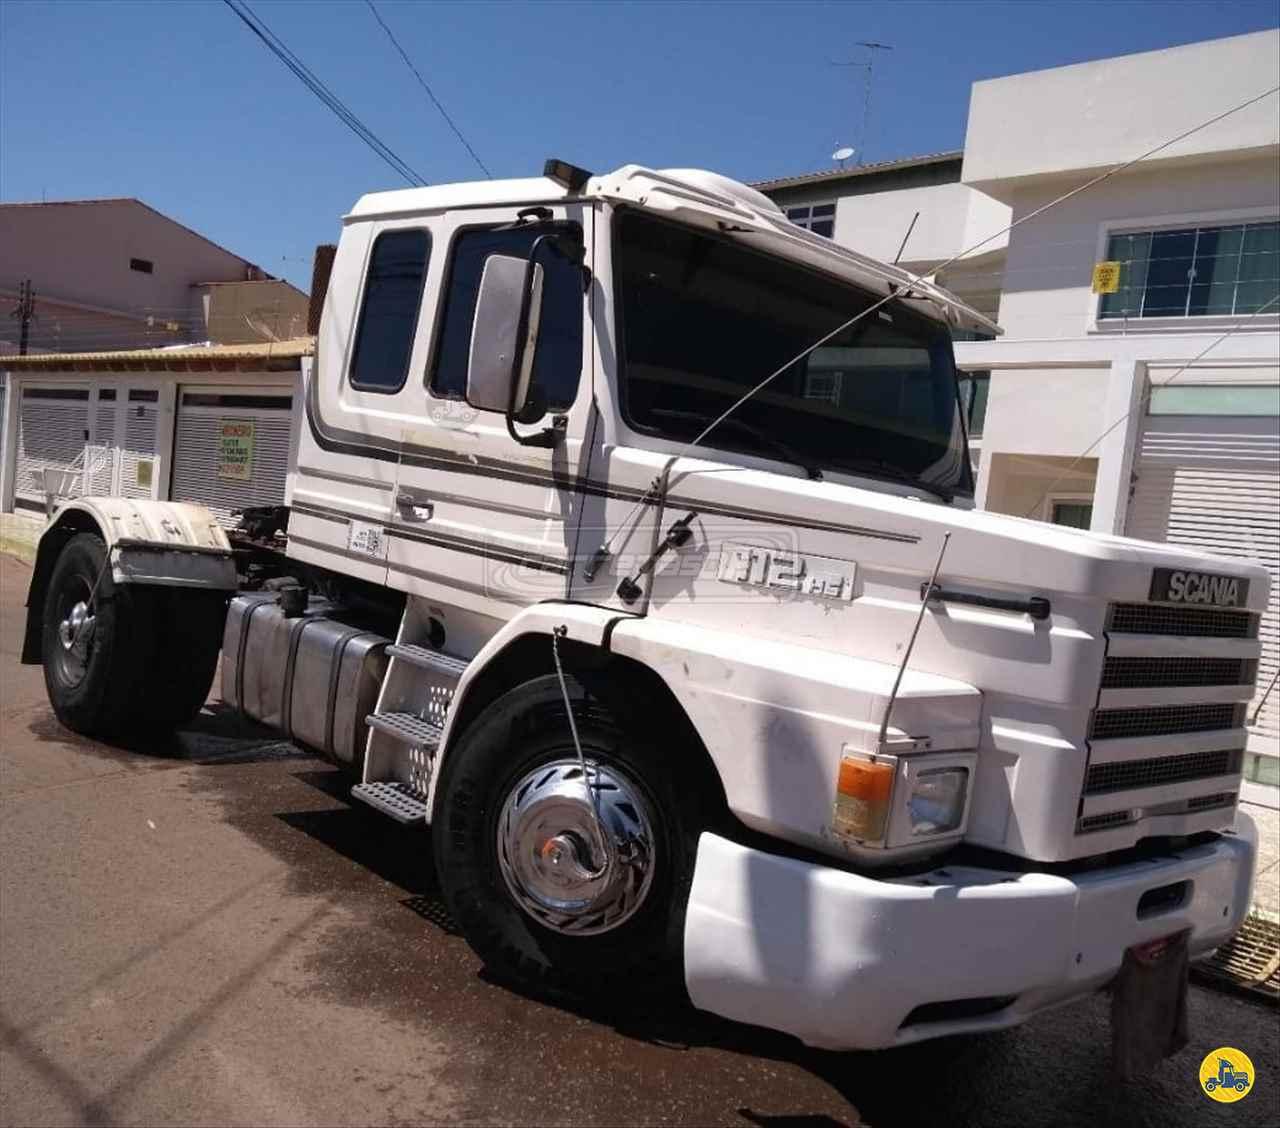 CAMINHAO SCANIA SCANIA 112 310 Cavalo Mecânico Toco 4x2 CARRETAS DF - NOMA BRASILIA DISTRITO FEDERAL DF